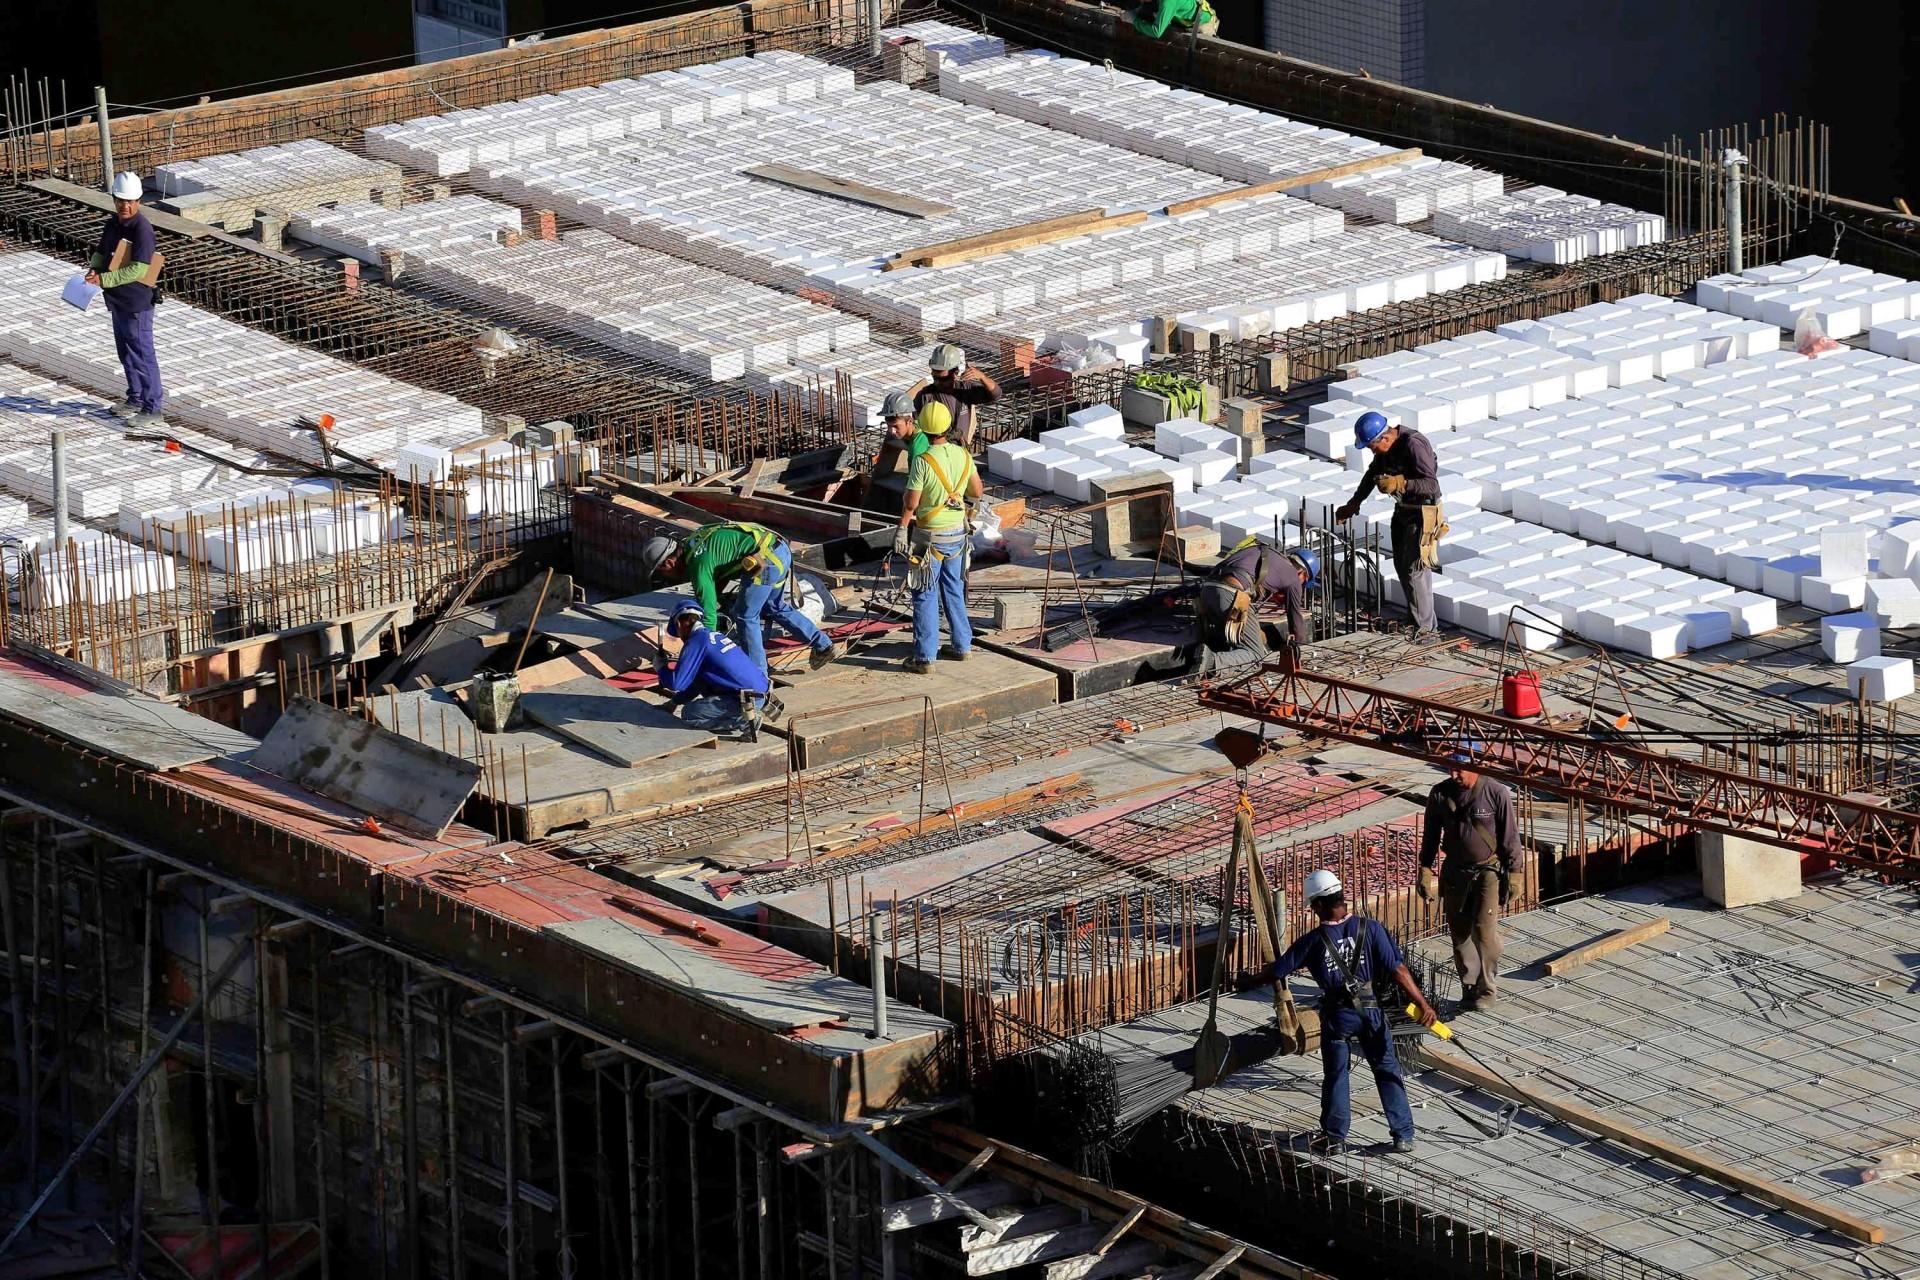 Construção civil foi um dos setores que menos demitiram nos primeiros 3 meses de pandemia.   Crédito: Arnaldo Alves/AEN